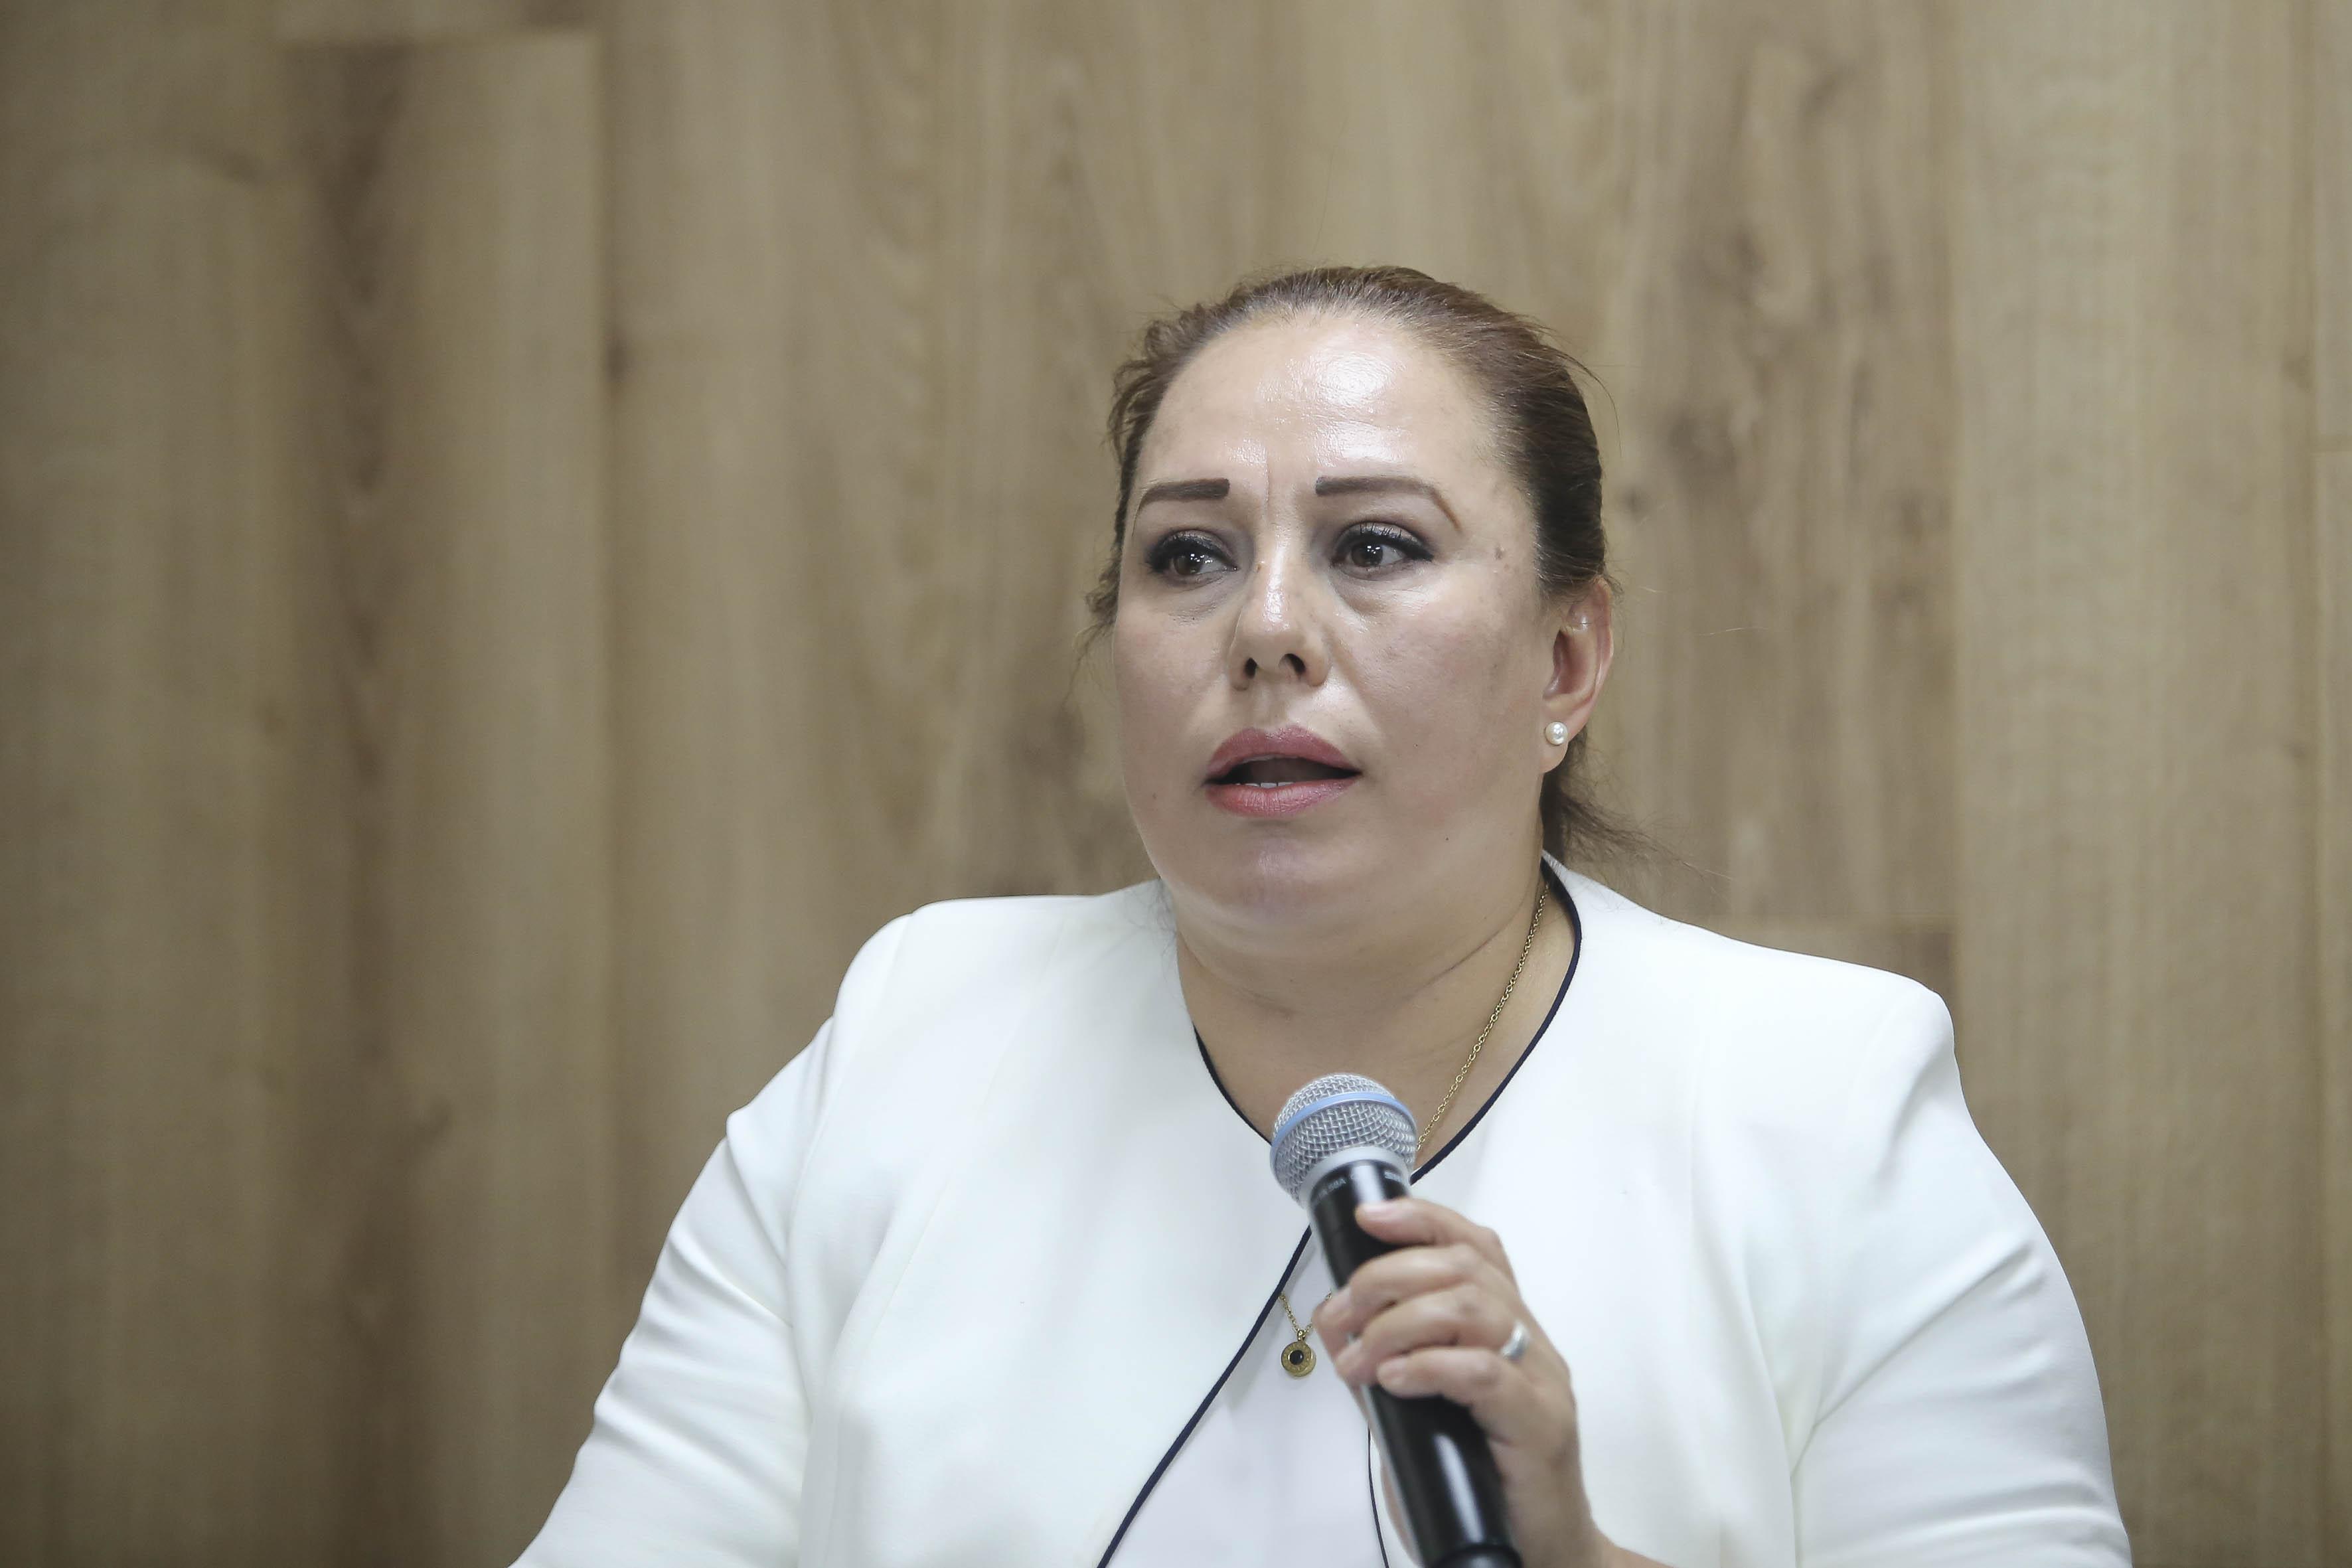 Mtra. Isabel Gómez al micrófono en rueda de prensa